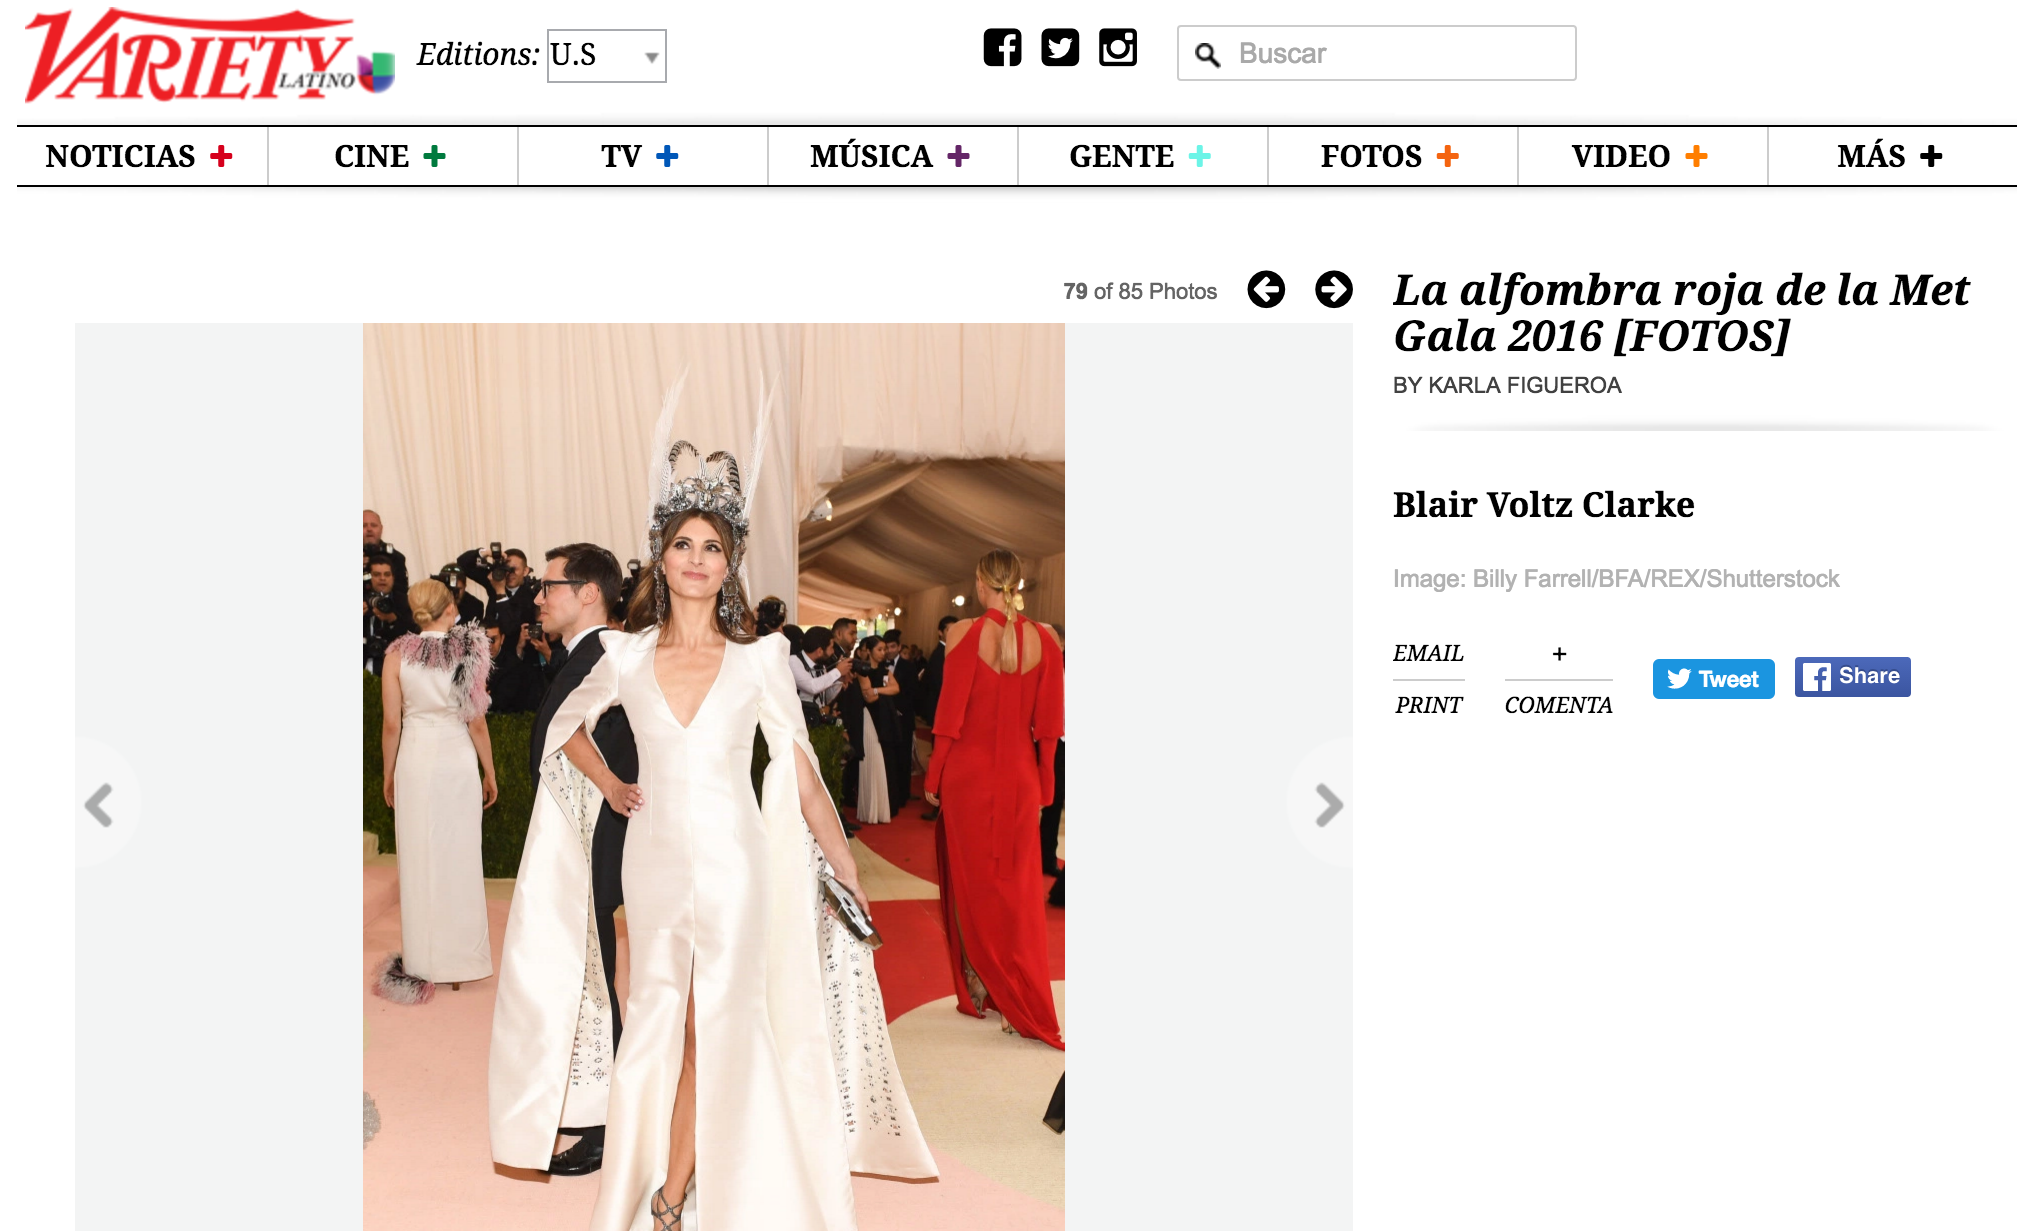 Met Gala 2016 - Variety Latino screenshot.png